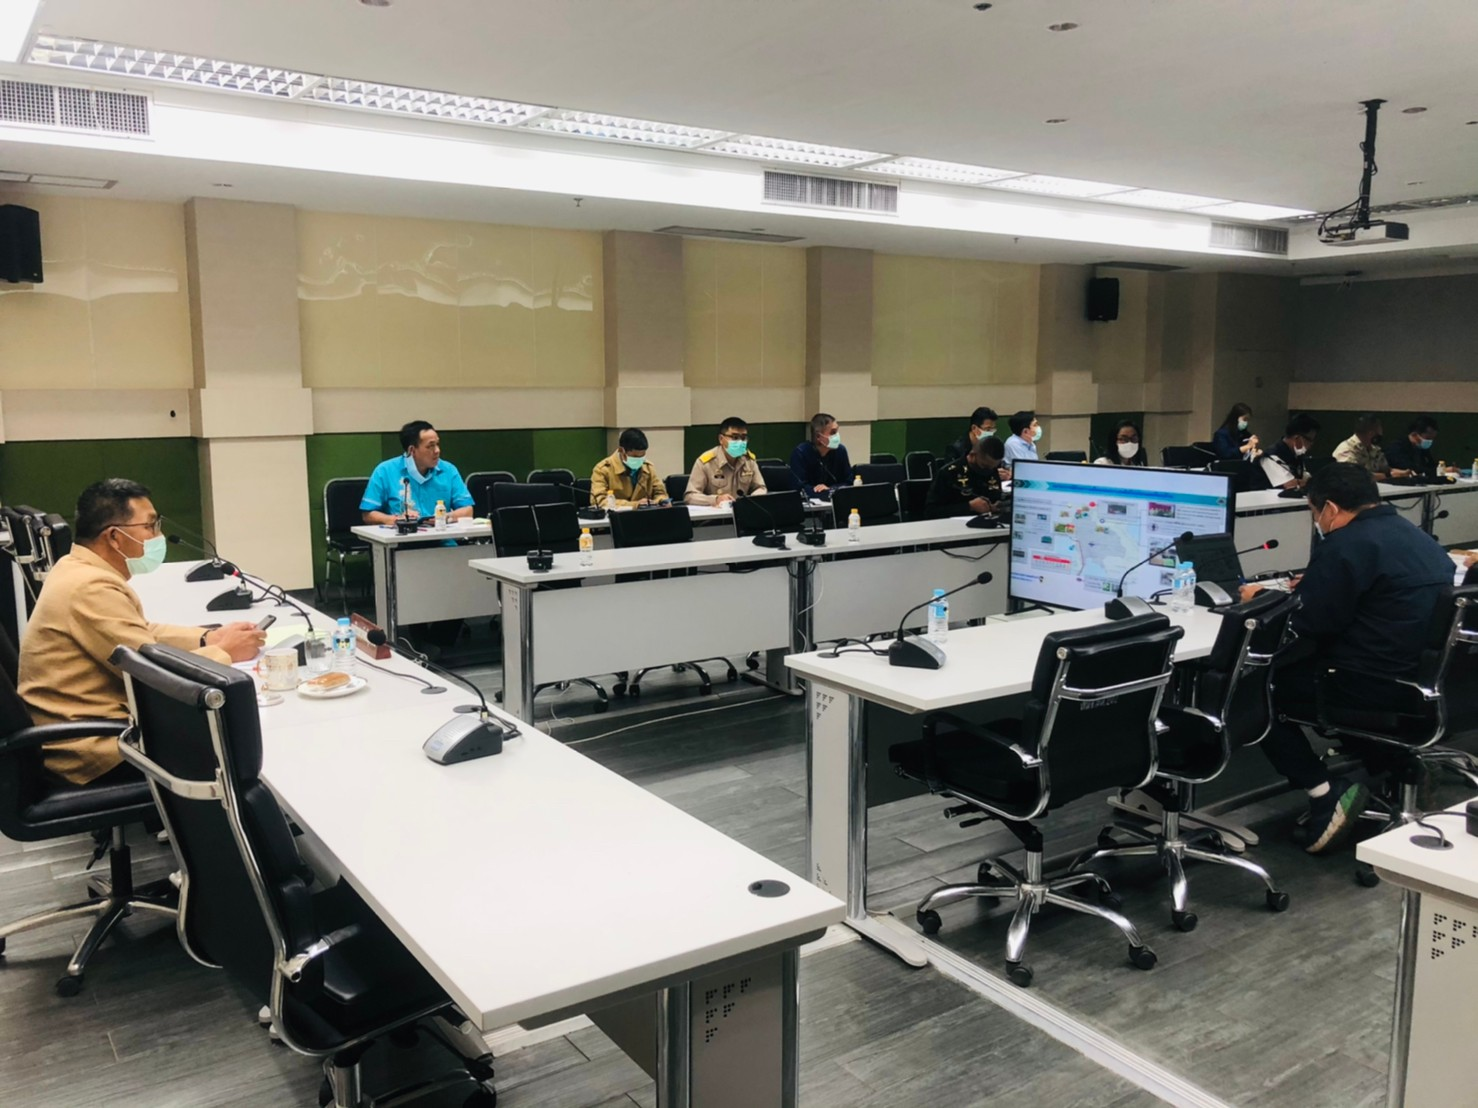 สำนักงานแรงงานมุกดาหาร ร่วมประชุมคณะทำงานโต๊ะข่าวเฝ้าระวังปัญหายาเสพติดจังหวัดมุกดาหาร ครั้งที่ 1 /2564